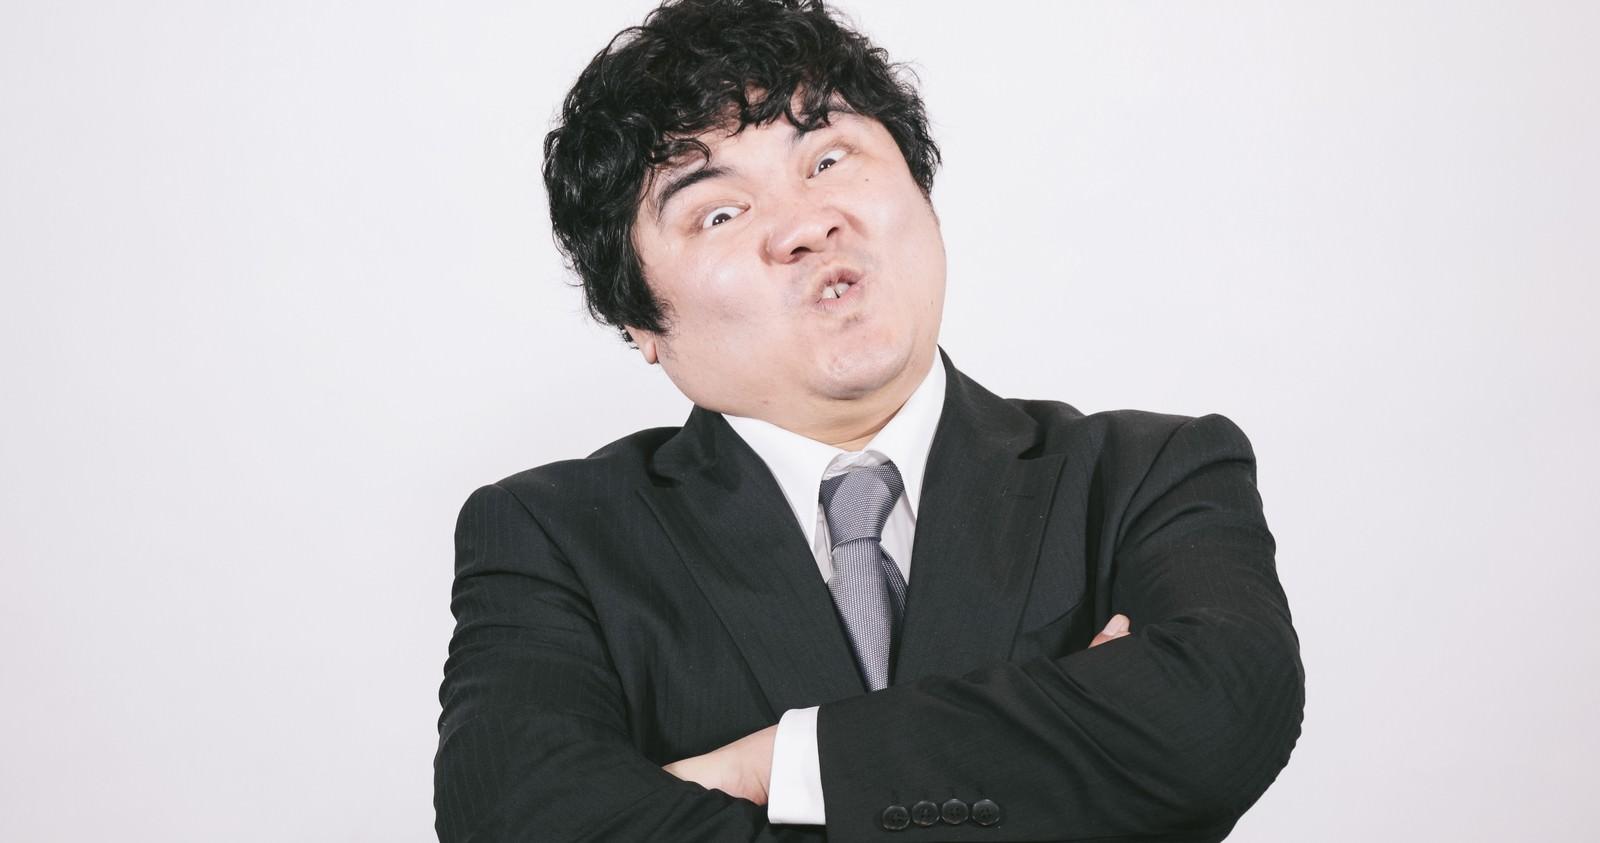 「ミスってもうた…あっ!上司怒ってるゥー!ミスってもうた…あっ!上司怒ってるゥー!」[モデル:段田隼人]のフリー写真素材を拡大